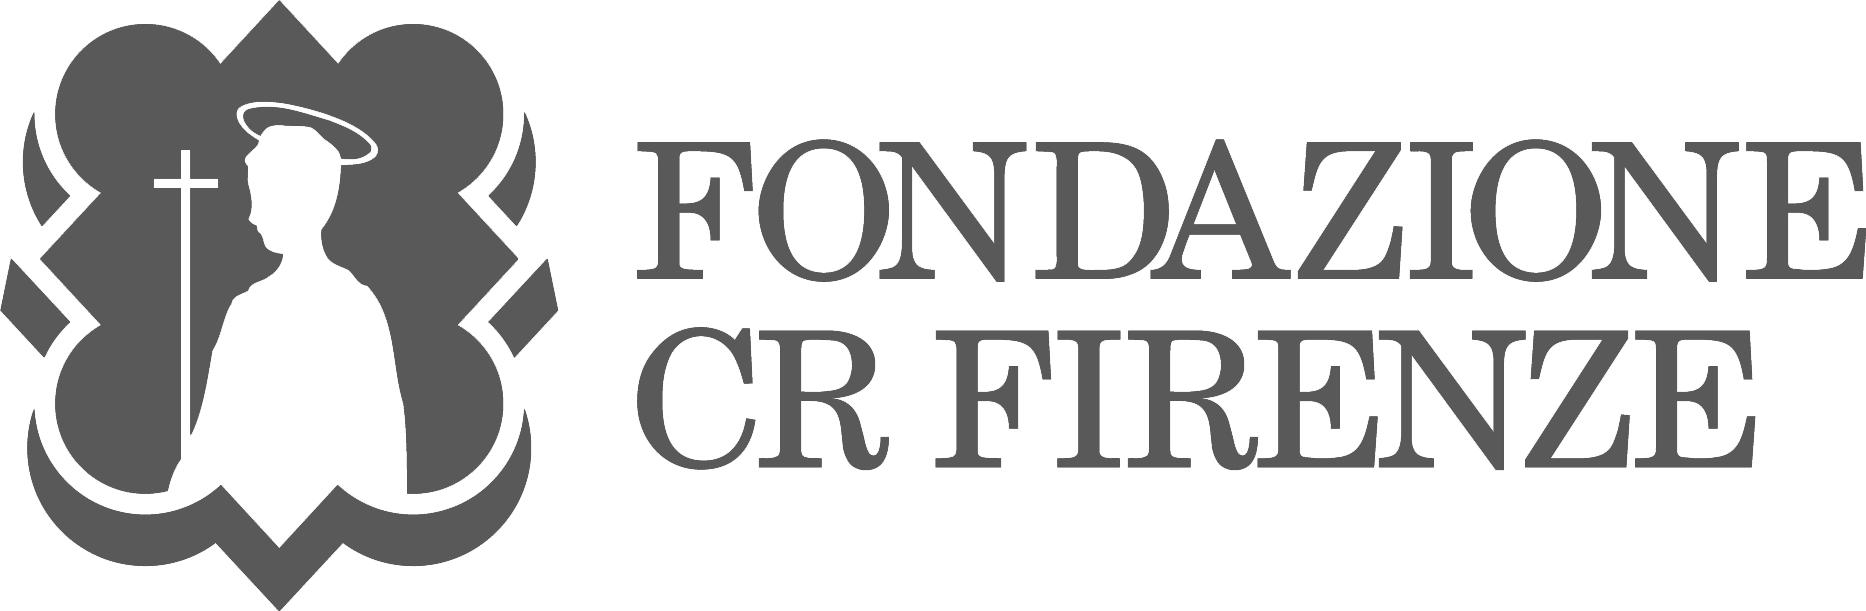 logo F CR Firenze (2).png